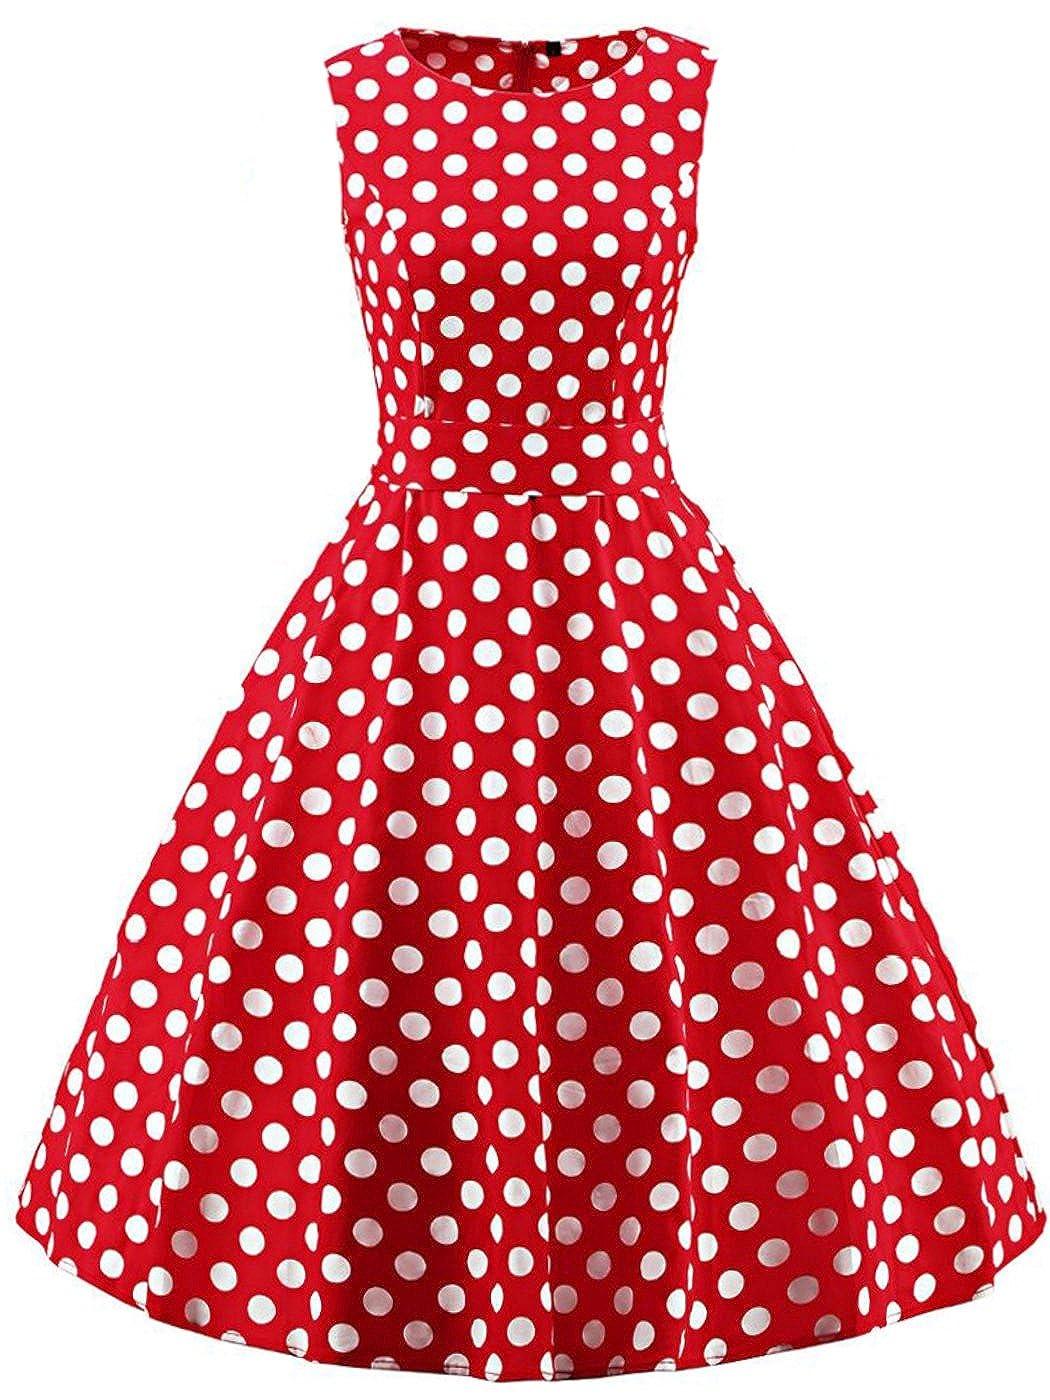 TALLA S. FAIRY COUPLE 50s Vestido de Partido Floral Retro del Oscilación del Cóctel del Vintage con el Arco DRT017 Puntos Blancos Rojos S